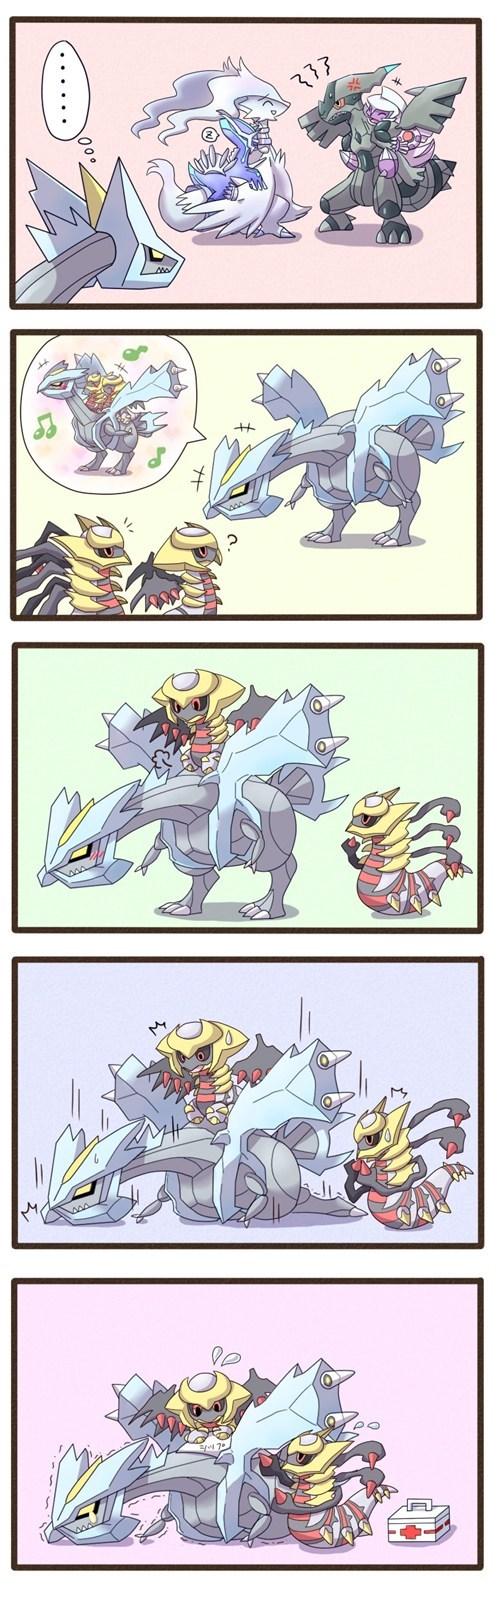 Pokémon comics legendaries kyurem - 7538061568